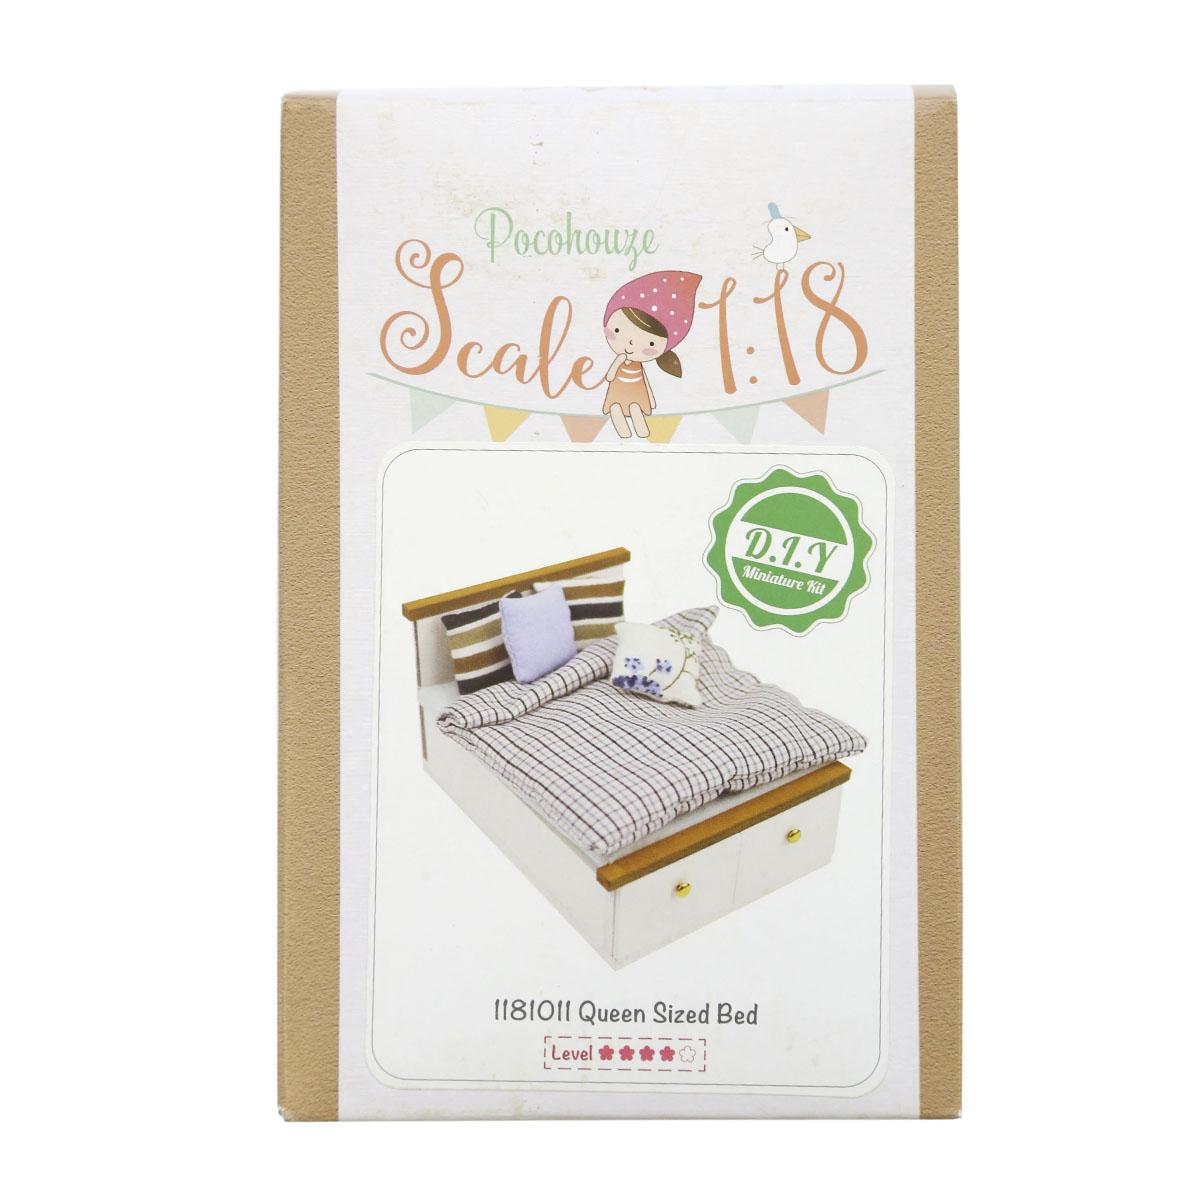 Набор для изготовления миниатюры Pocohouse Спальная кровать. 1181011 бернадетт куксарт лепим мебель для кукольного дома